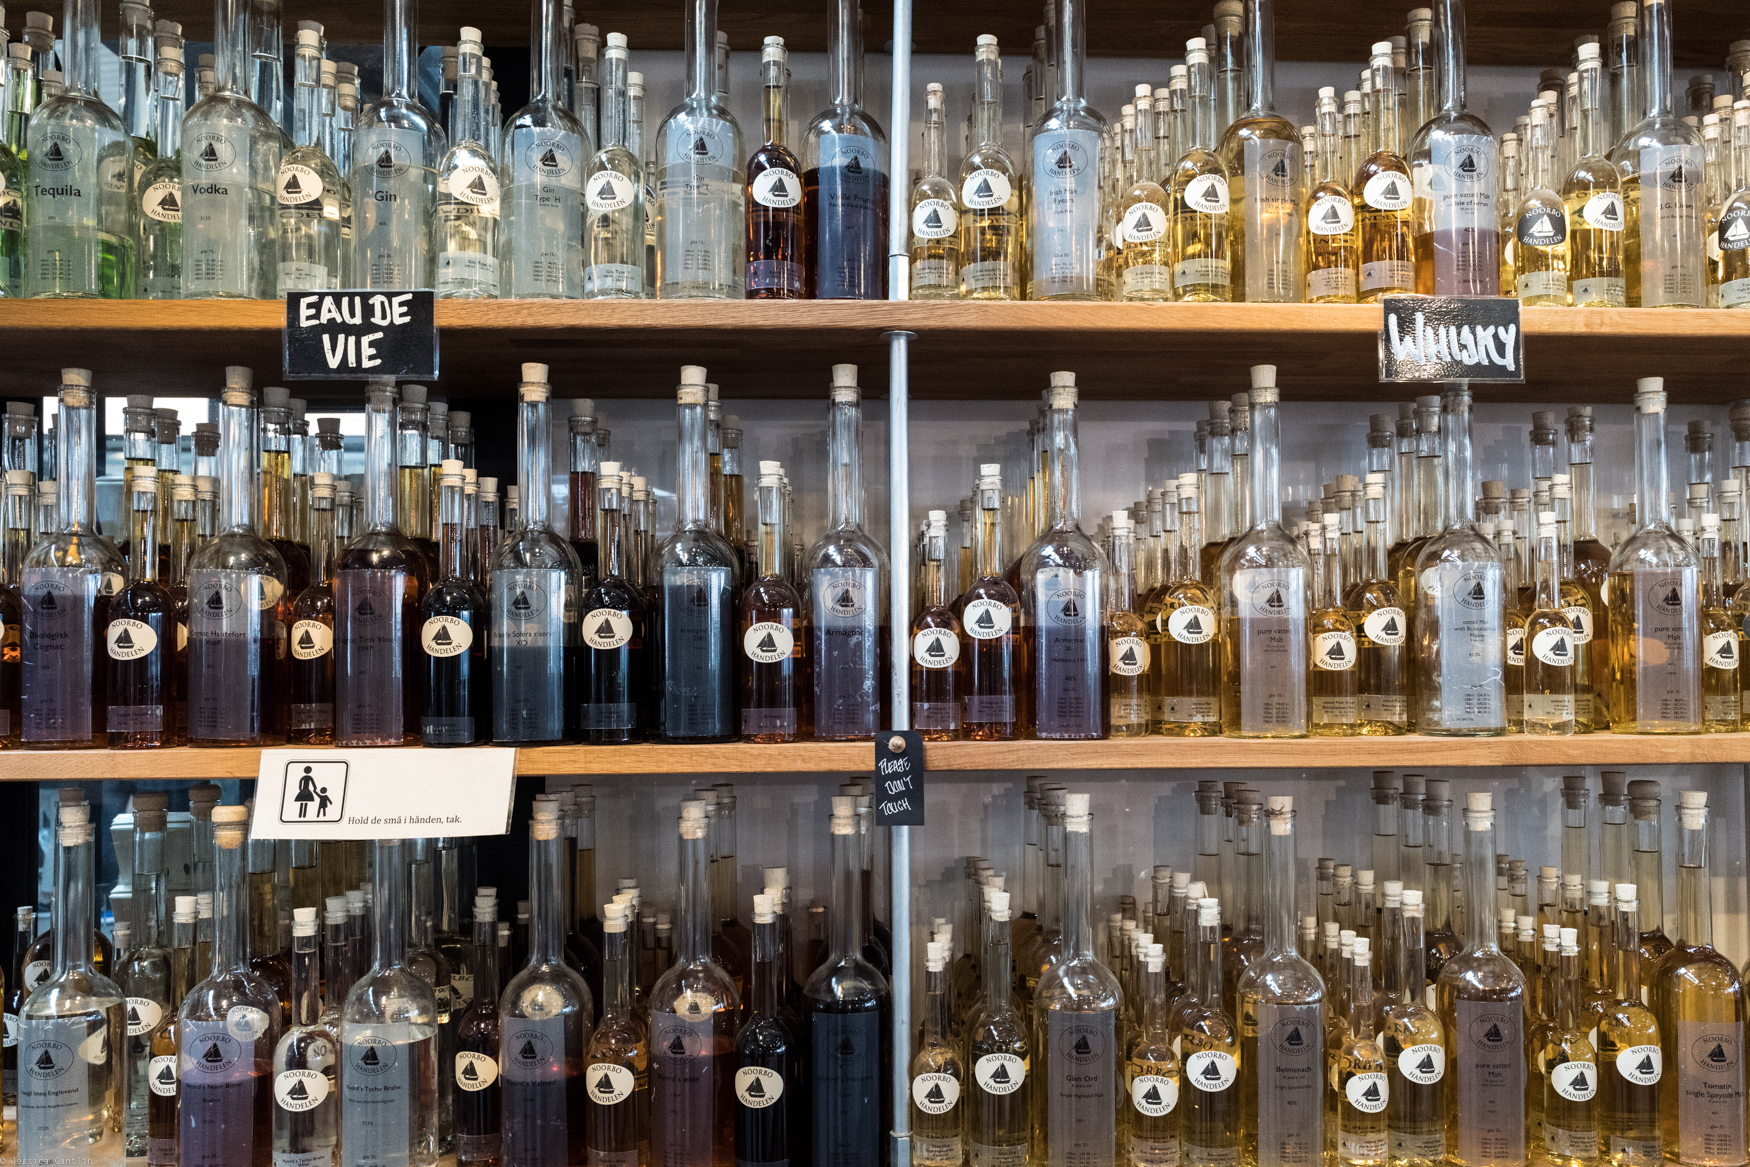 Spirits for sale at Torvehallerne